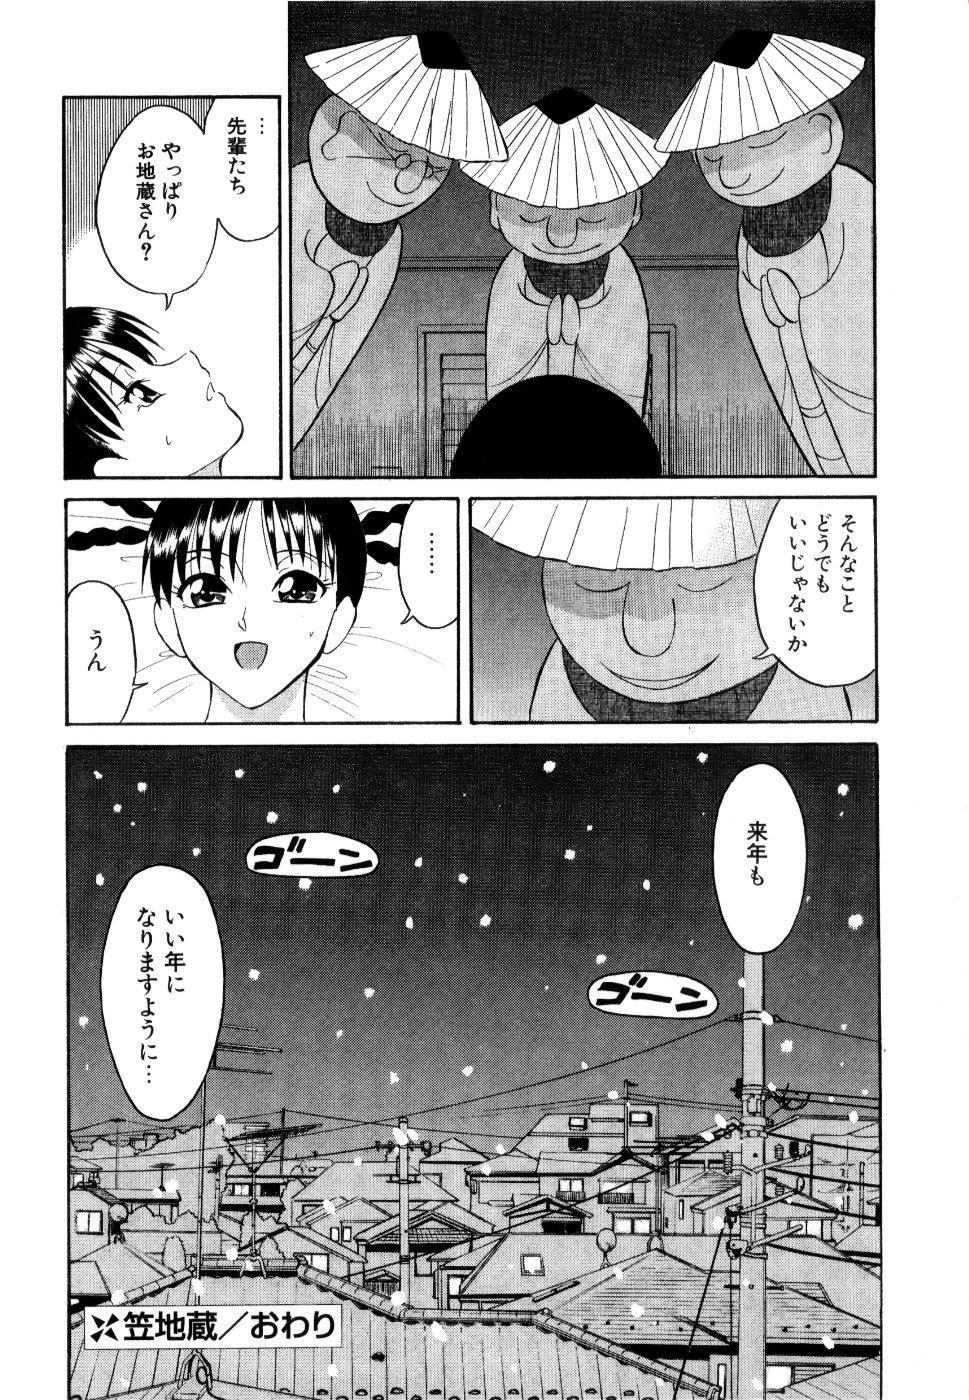 [Dozamura] Doguu -Dozamura Guuwa- Kuro 188